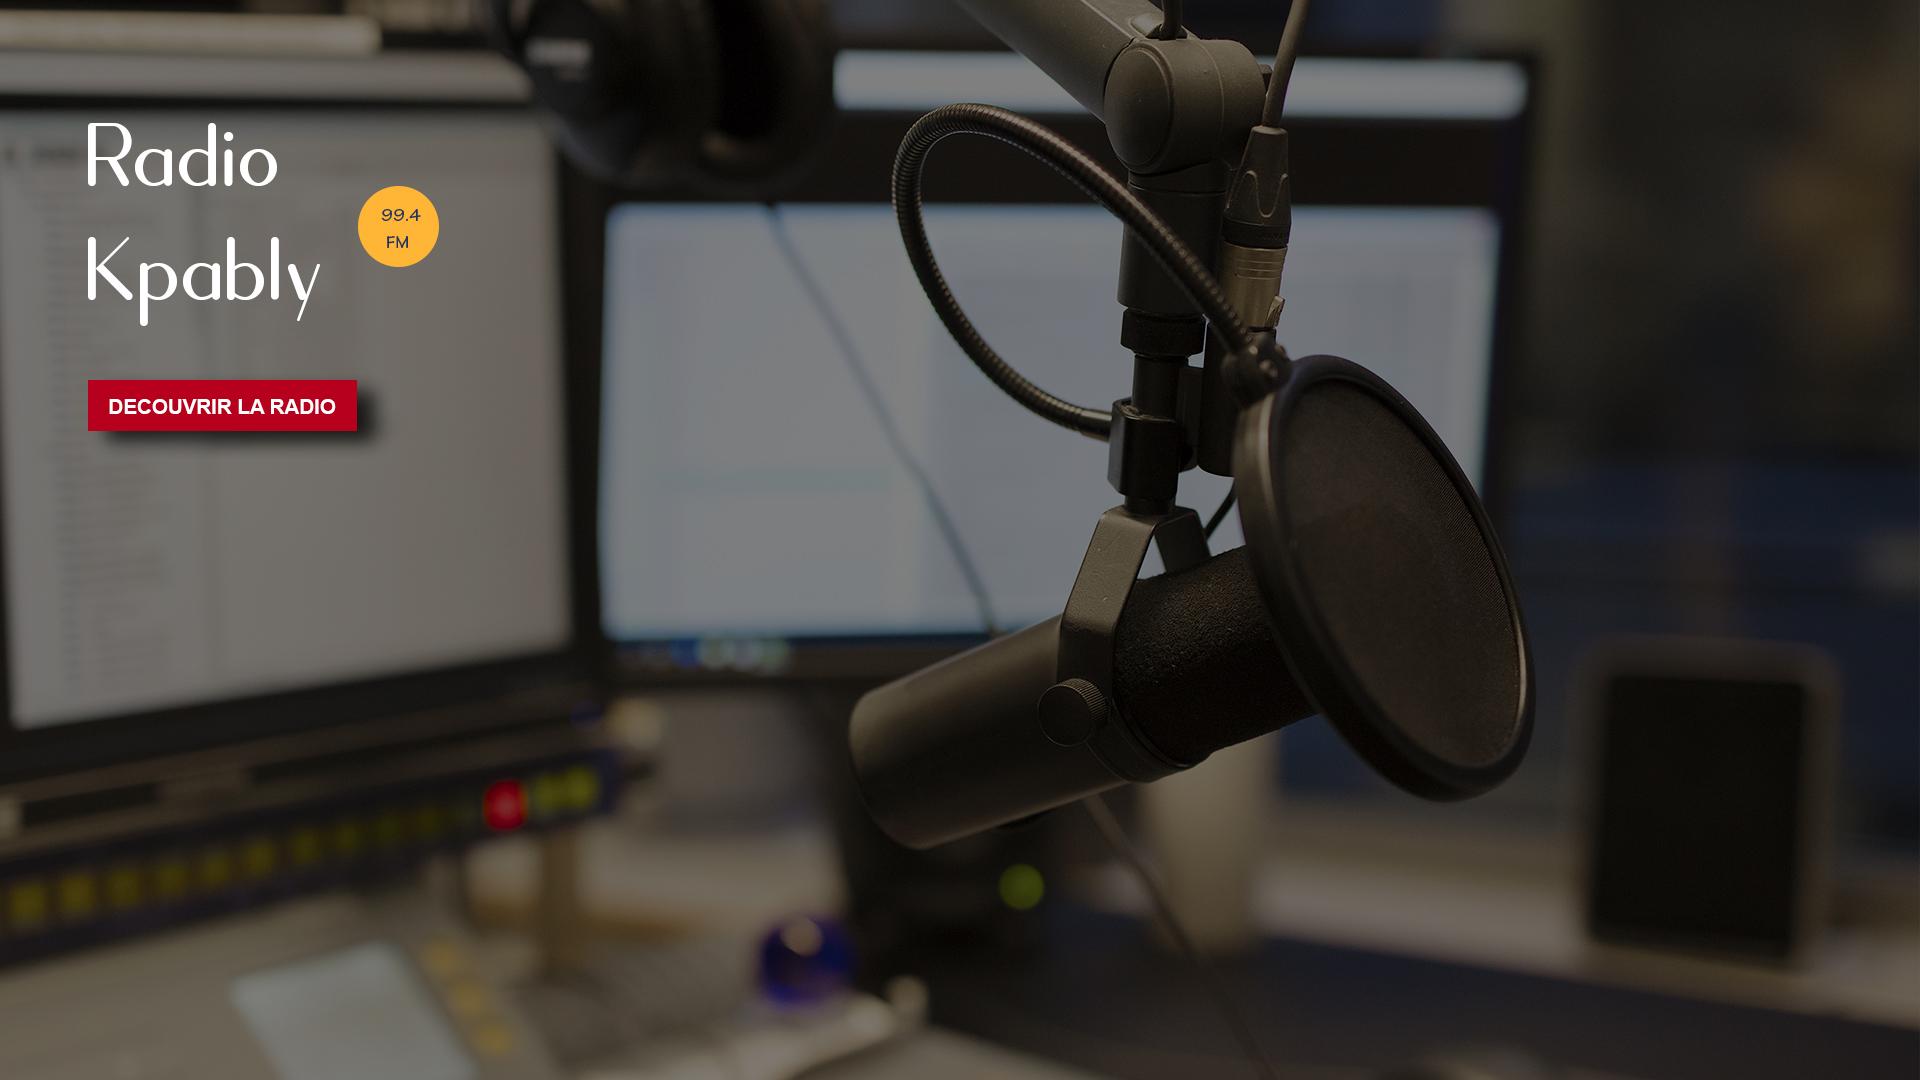 Bienvenue sur le portail de Radio Kpably